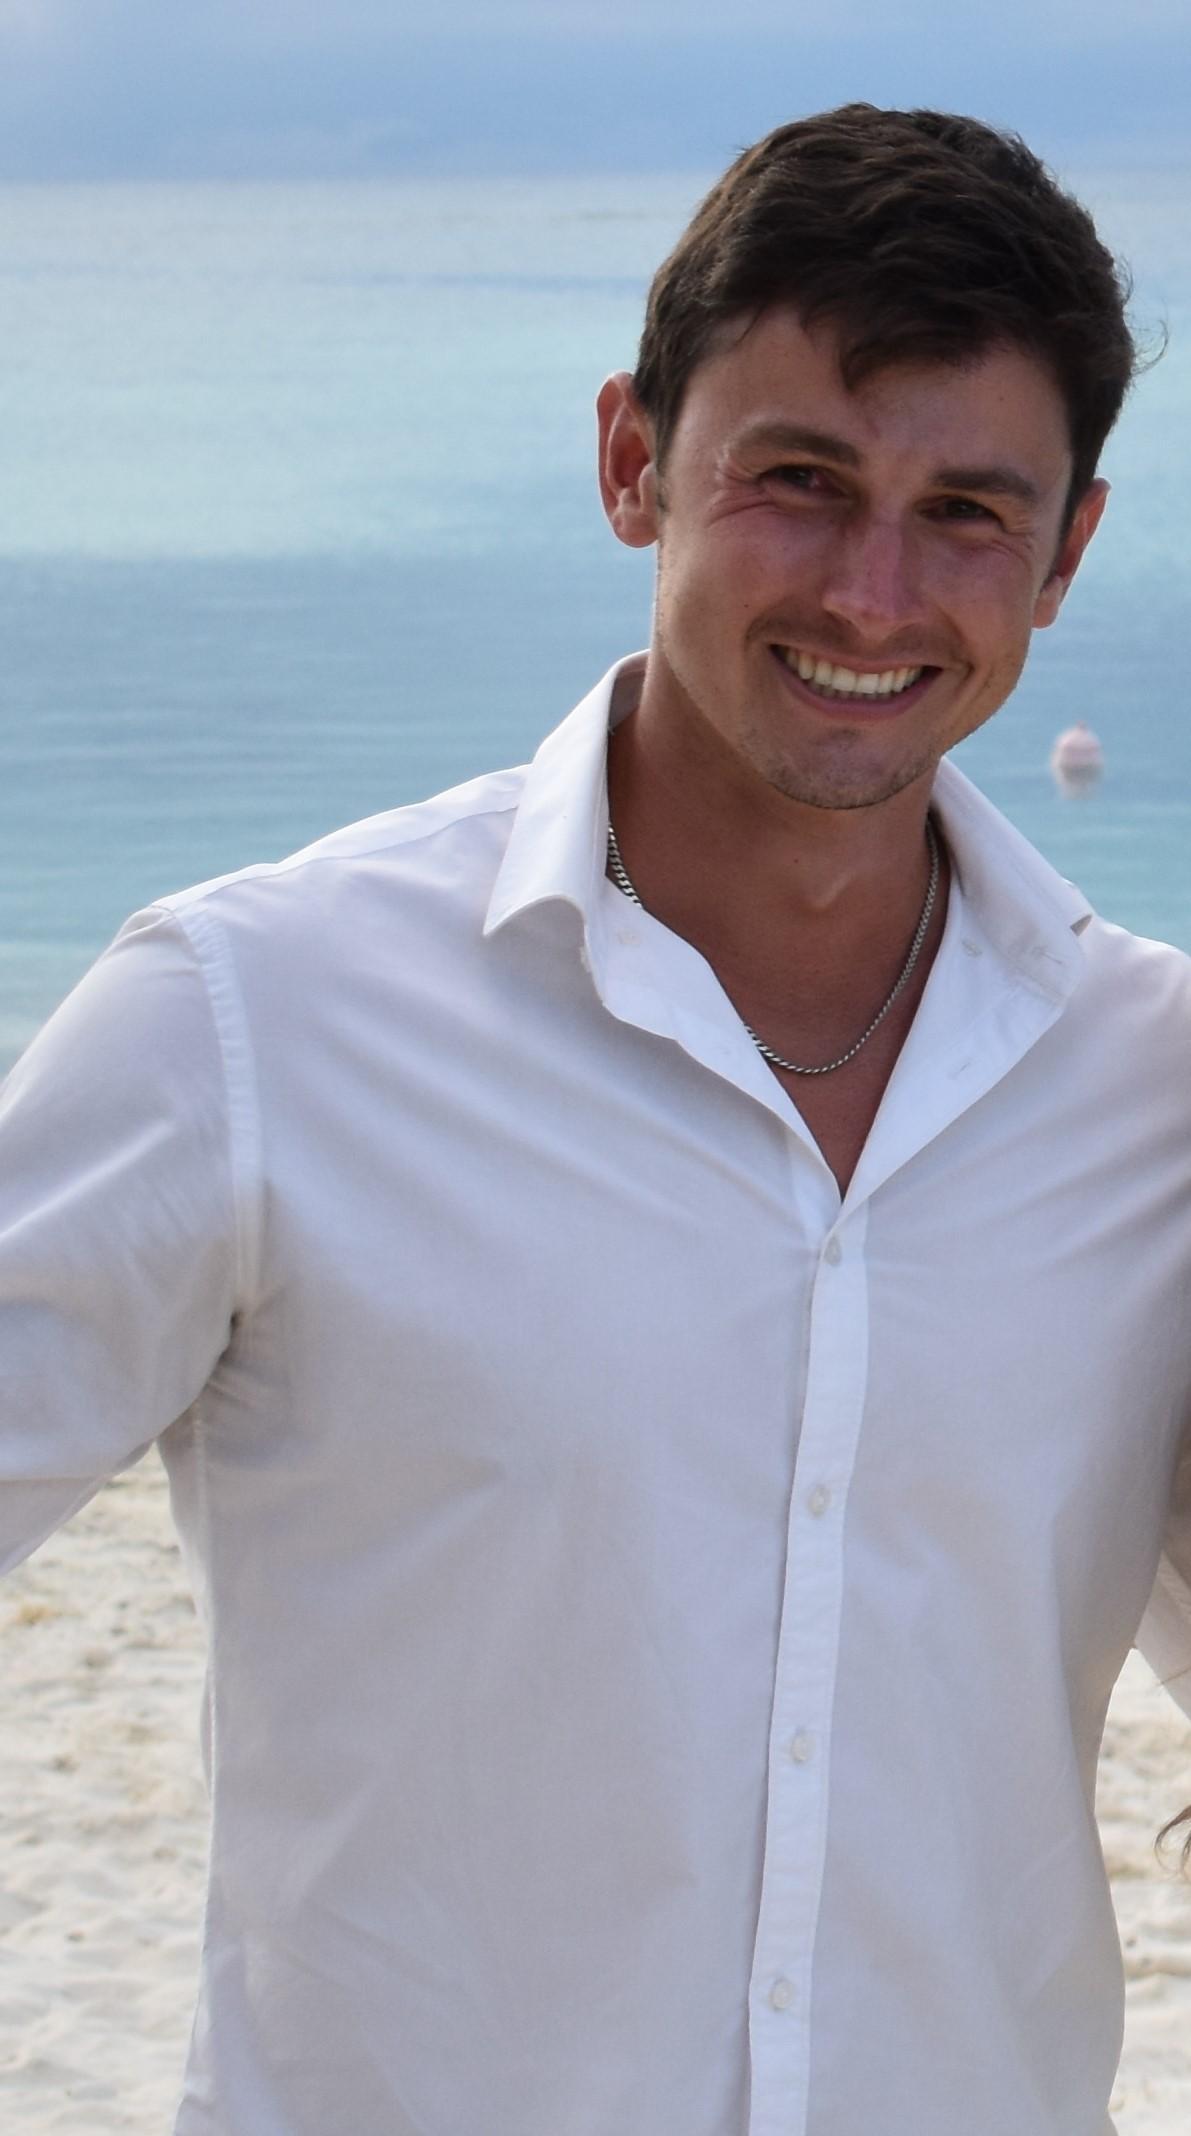 Connor McGlashan